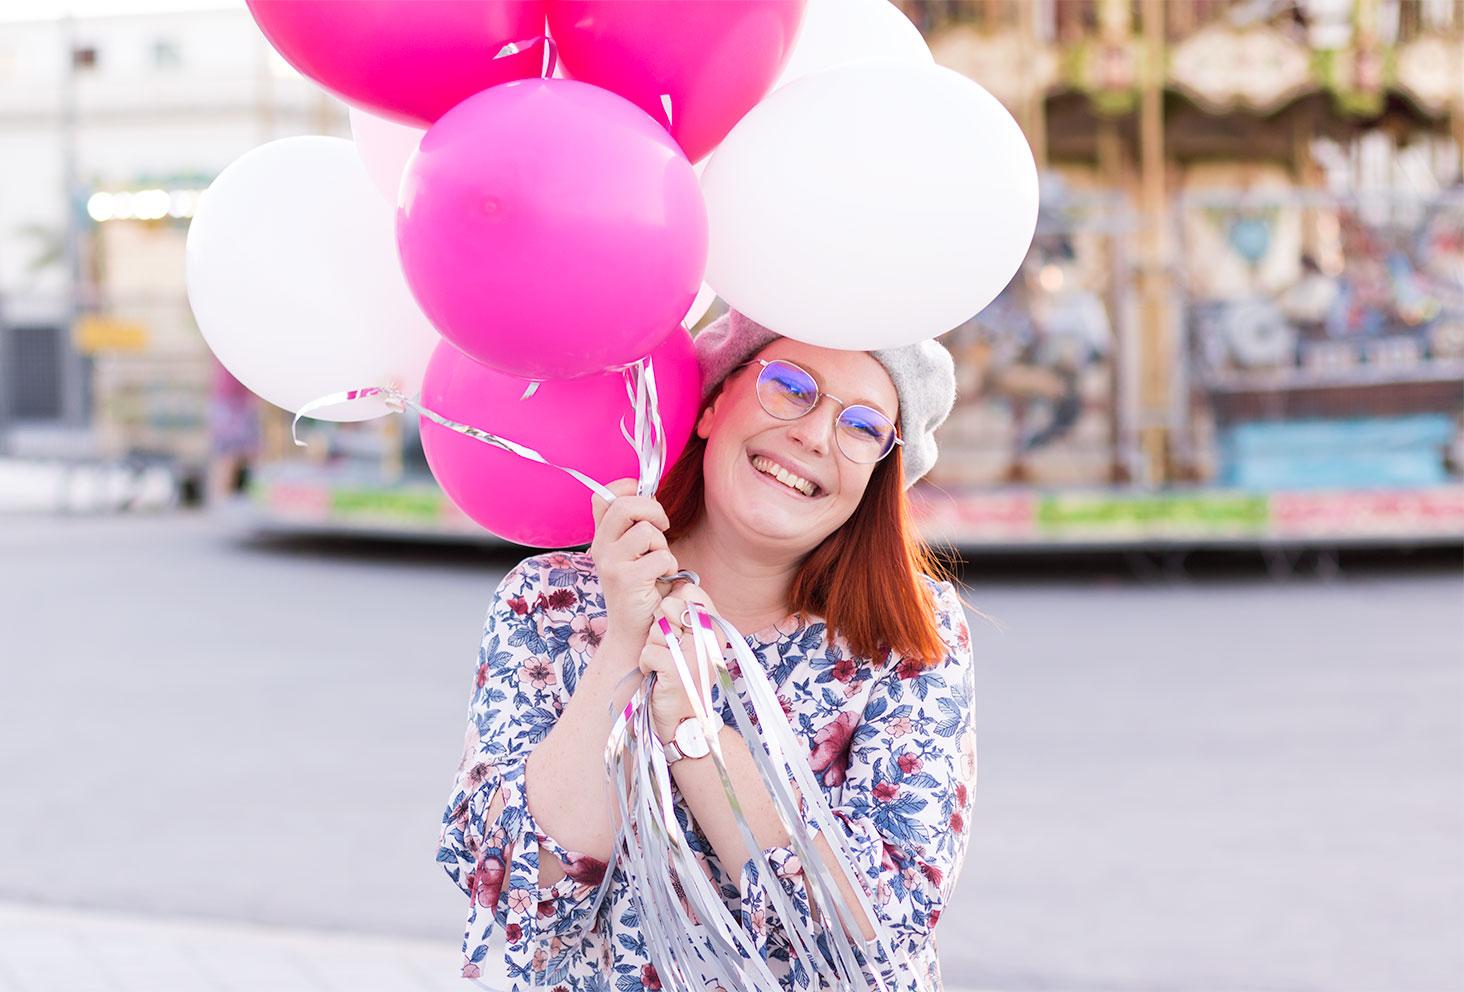 Zoom sur les ballons roses et blancs dans les mains, le sourire au lèvres en robe à fleurs, pour fêter la 27ème années